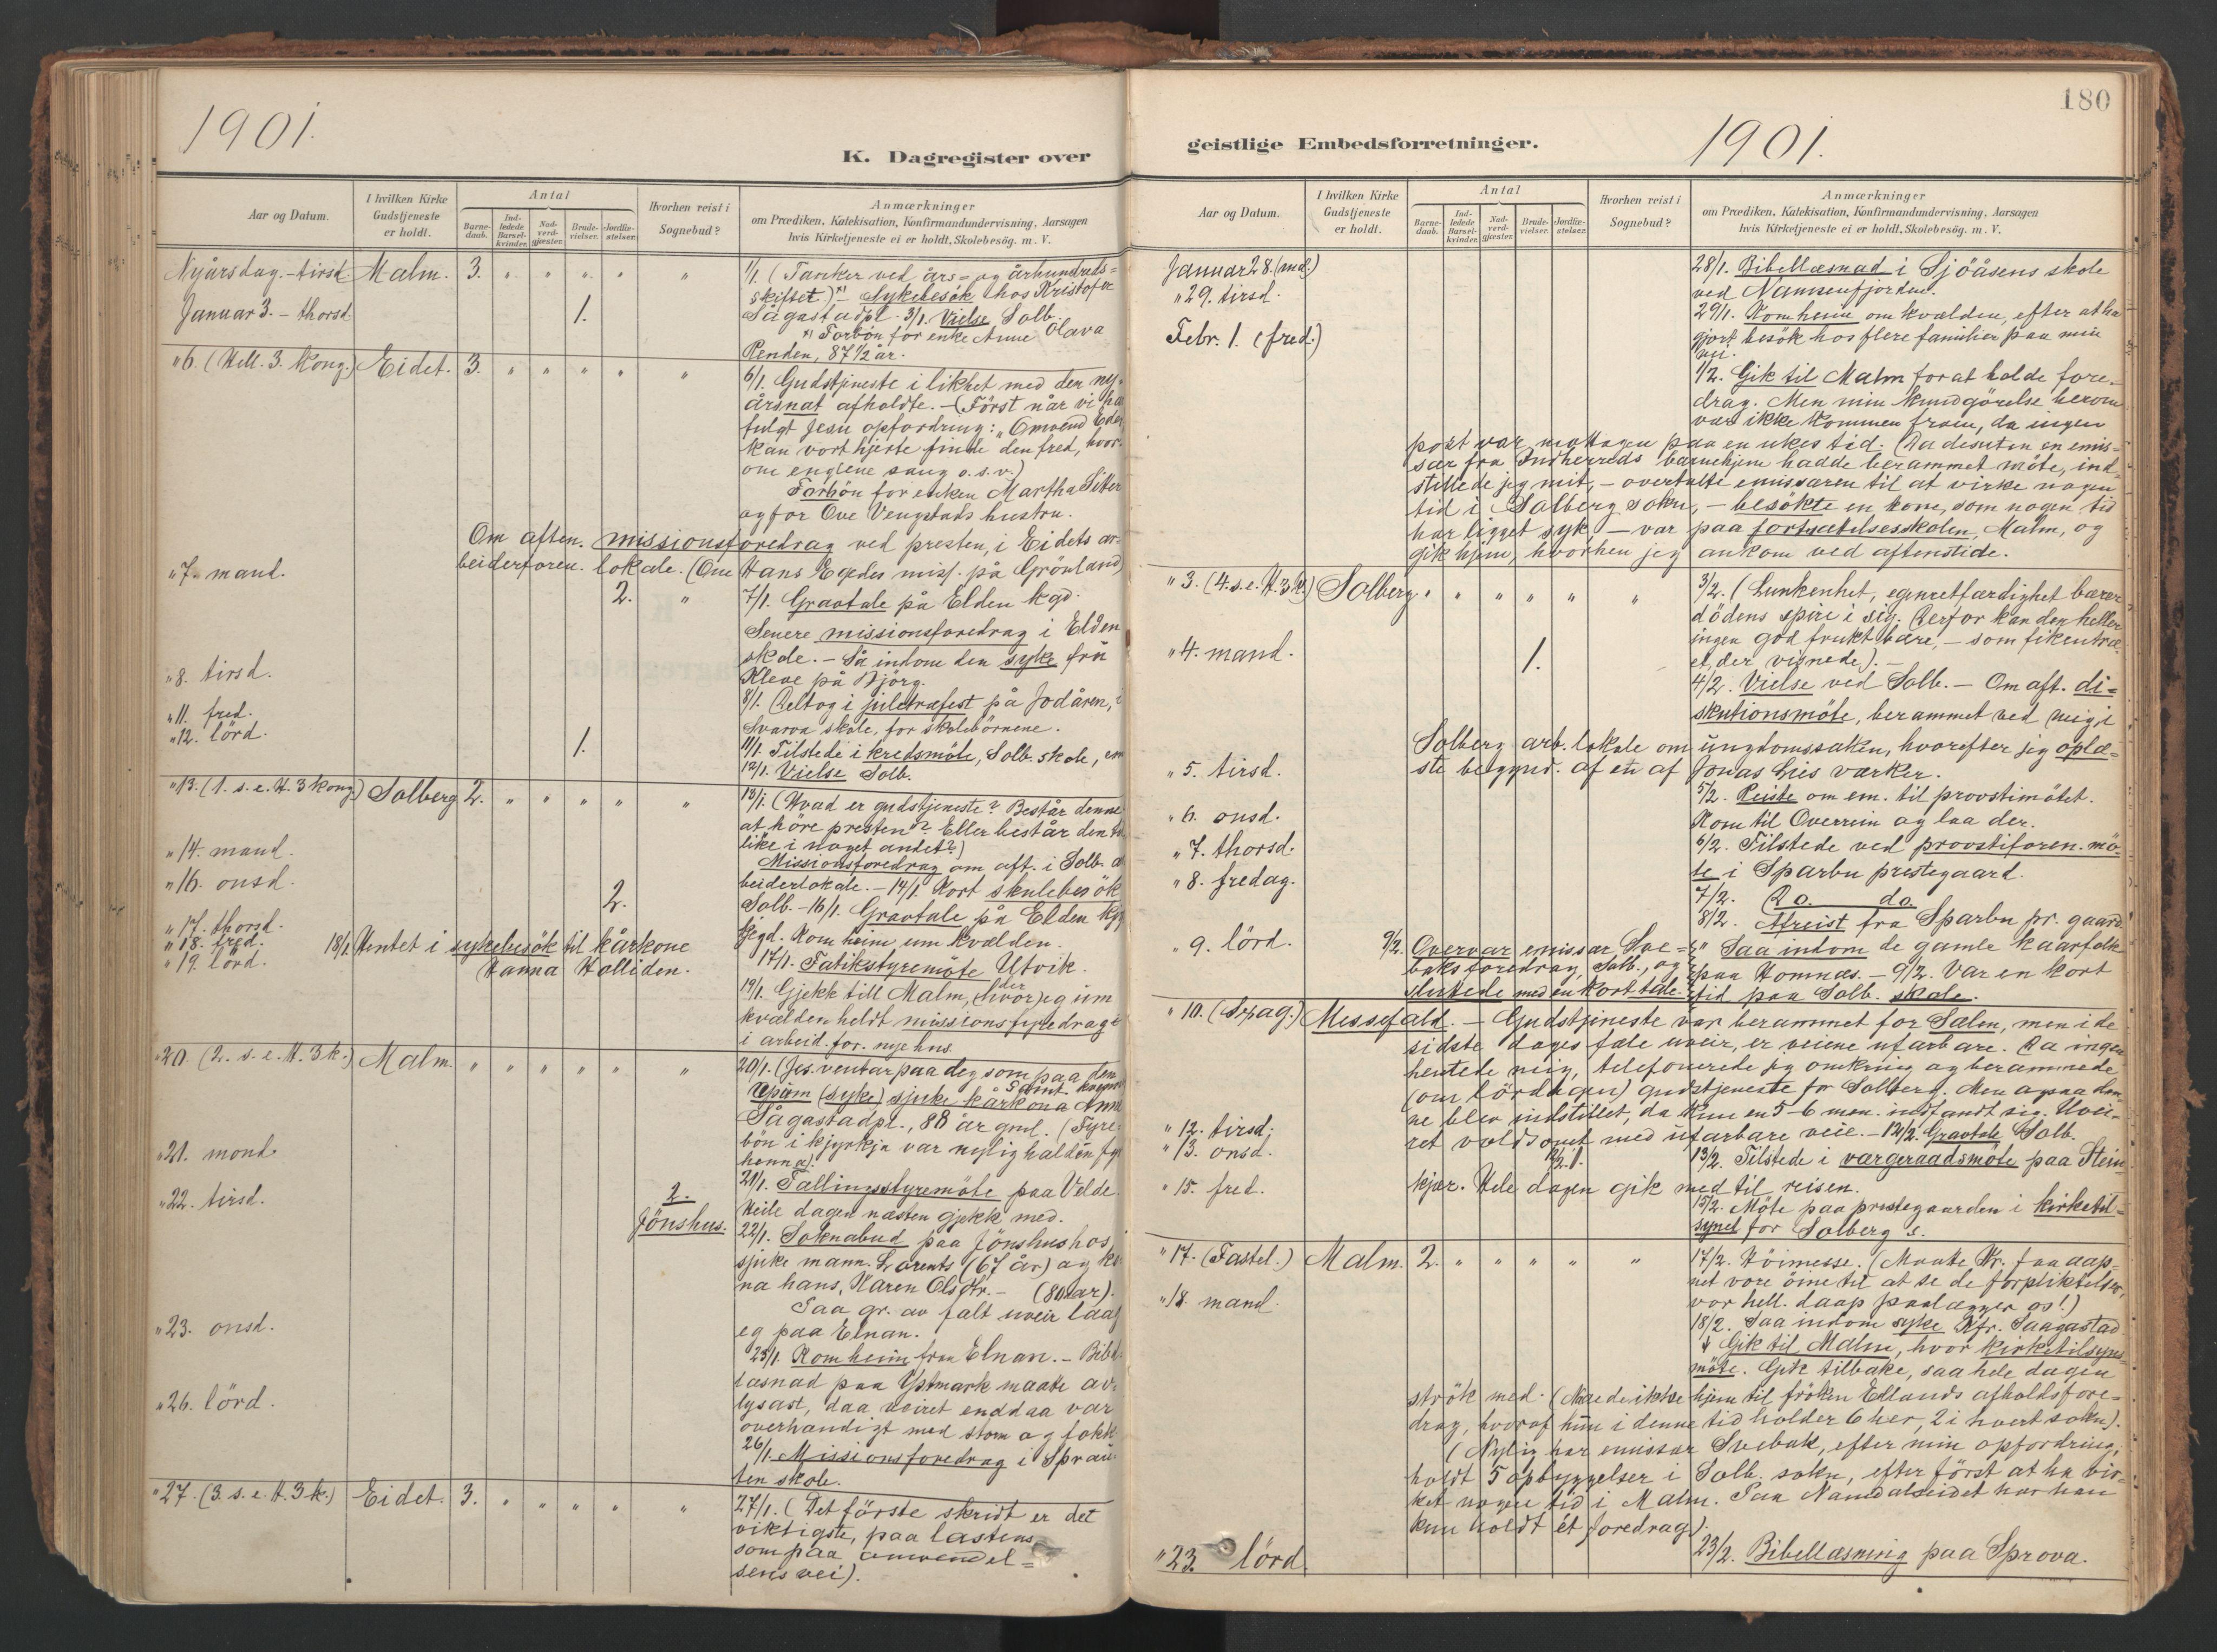 SAT, Ministerialprotokoller, klokkerbøker og fødselsregistre - Nord-Trøndelag, 741/L0397: Ministerialbok nr. 741A11, 1901-1911, s. 180